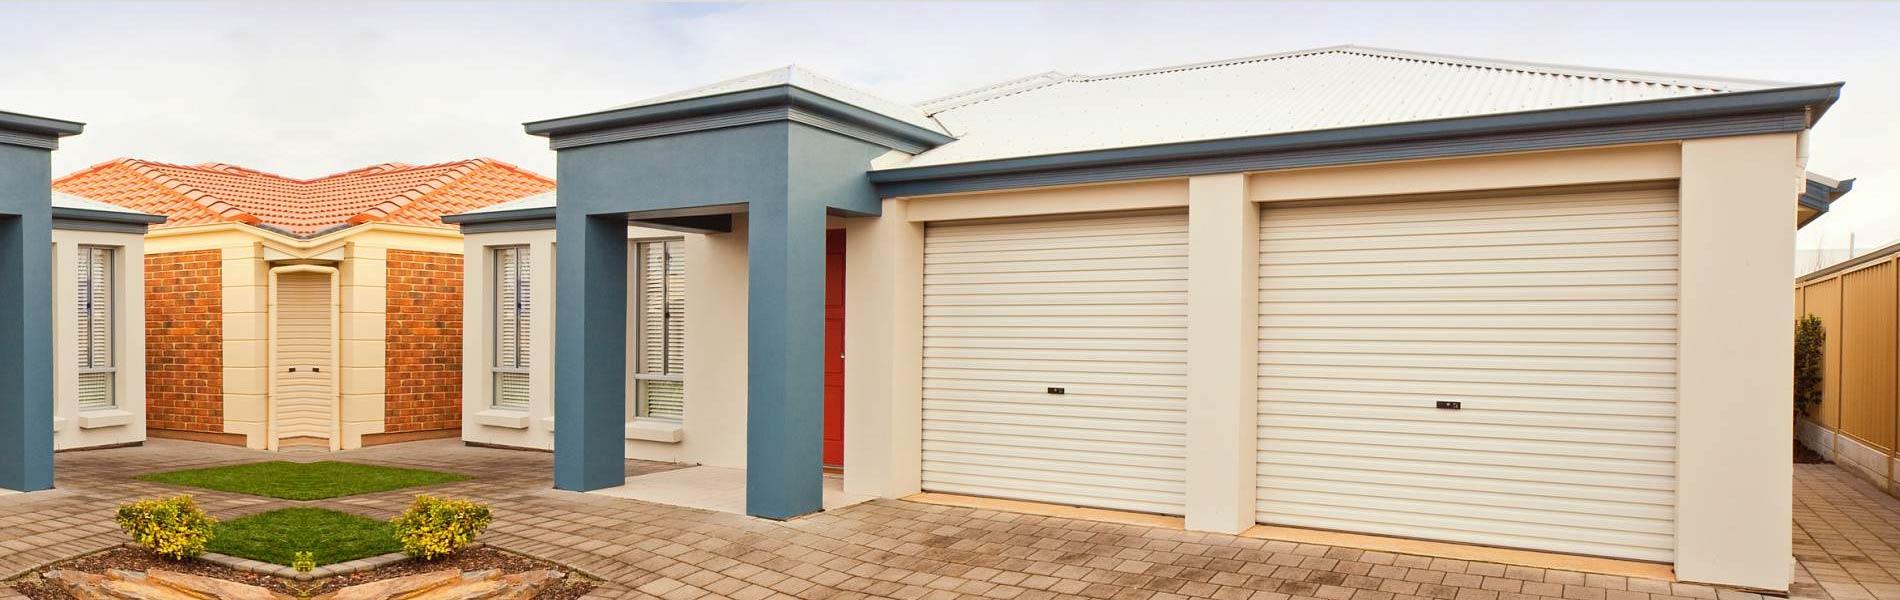 Central garage doors emergency garage door gilbert az for Garage door repair in gilbert az